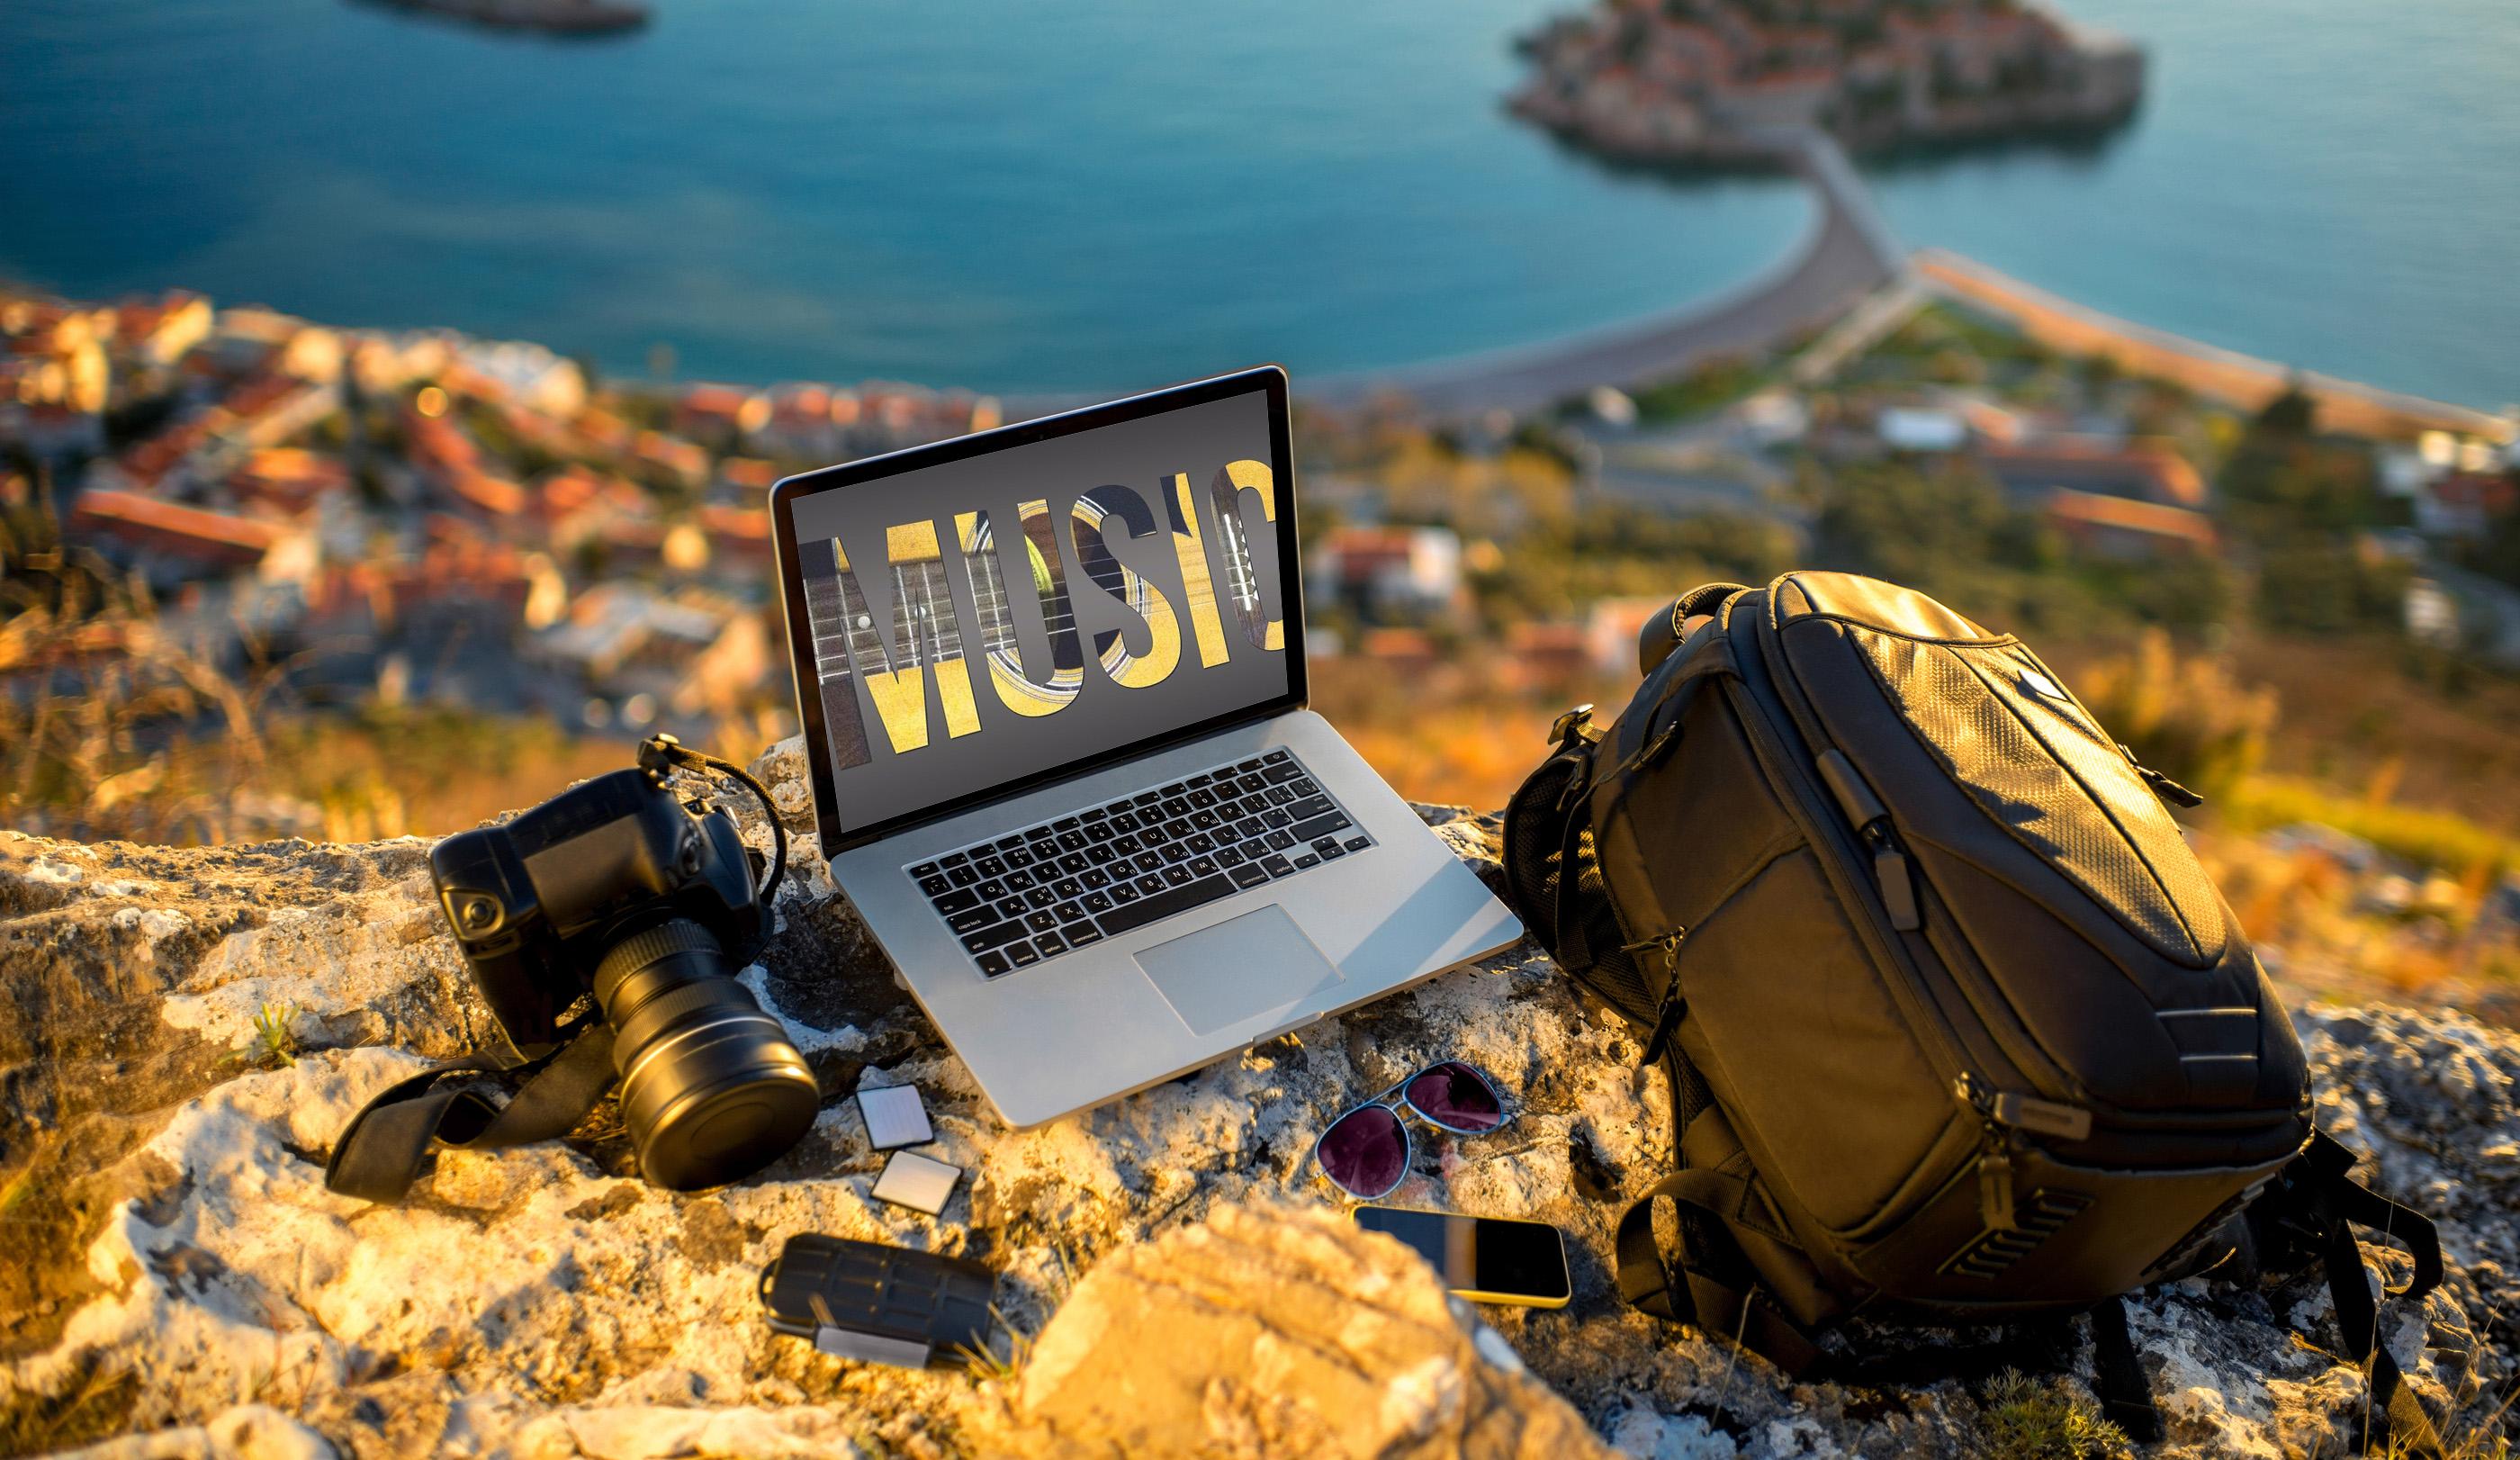 количество современная техника в туризме фото событие вновь породило